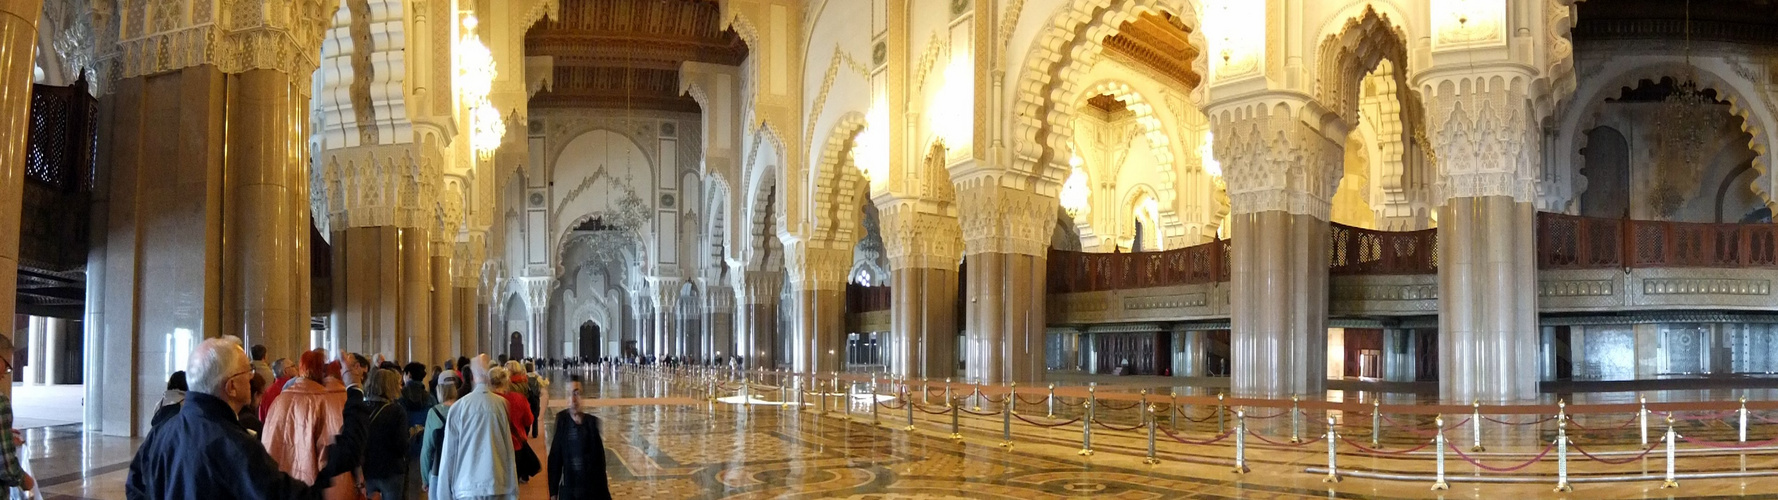 Moschee Hassan II in Casablanca 2